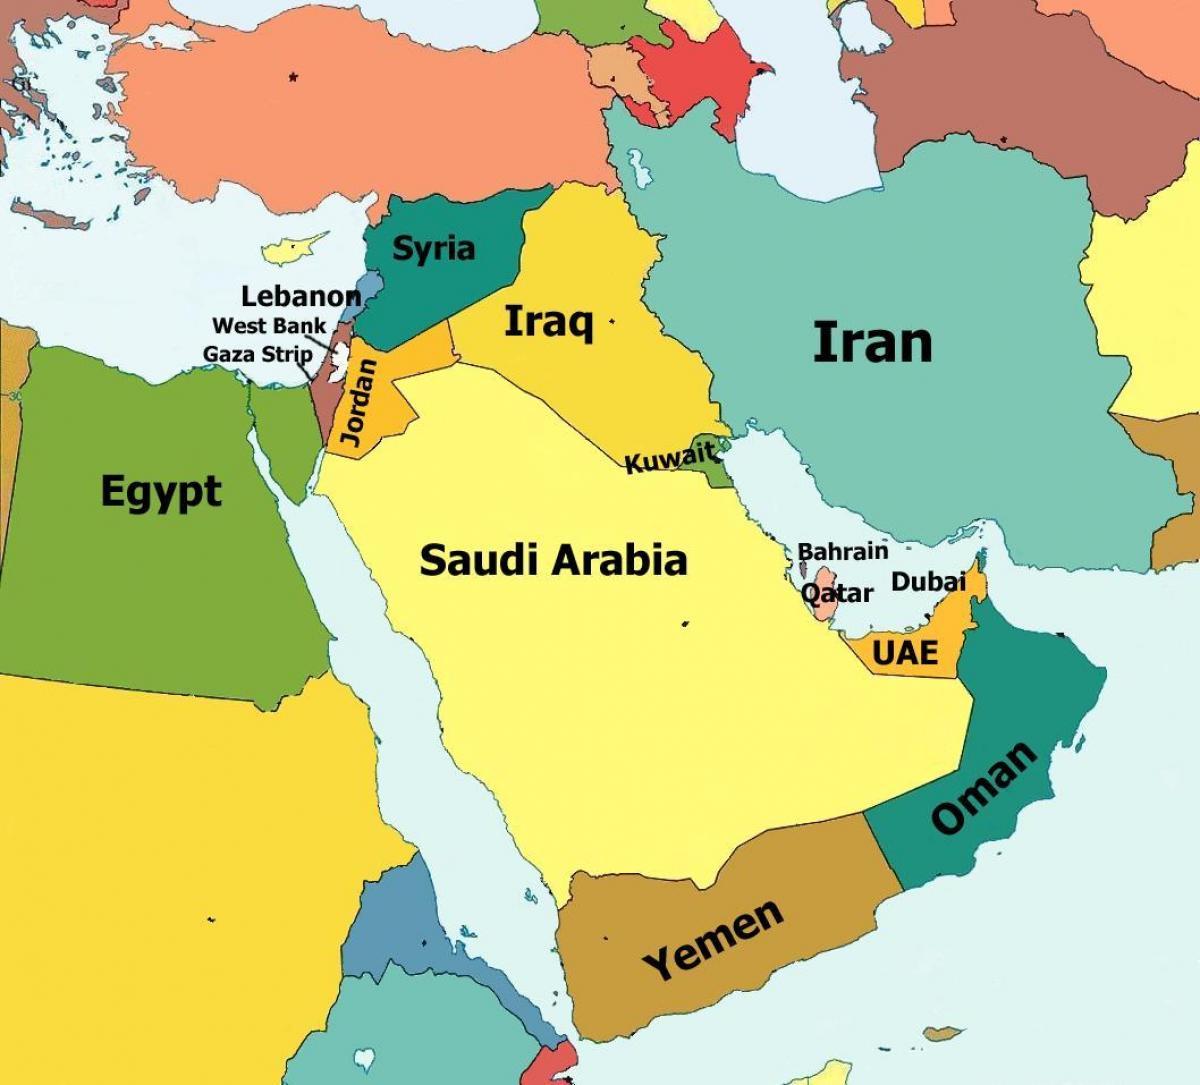 Dubaj Mapa Stredniho Vychodu Dubaj Mapa Blizkeho Vychodu